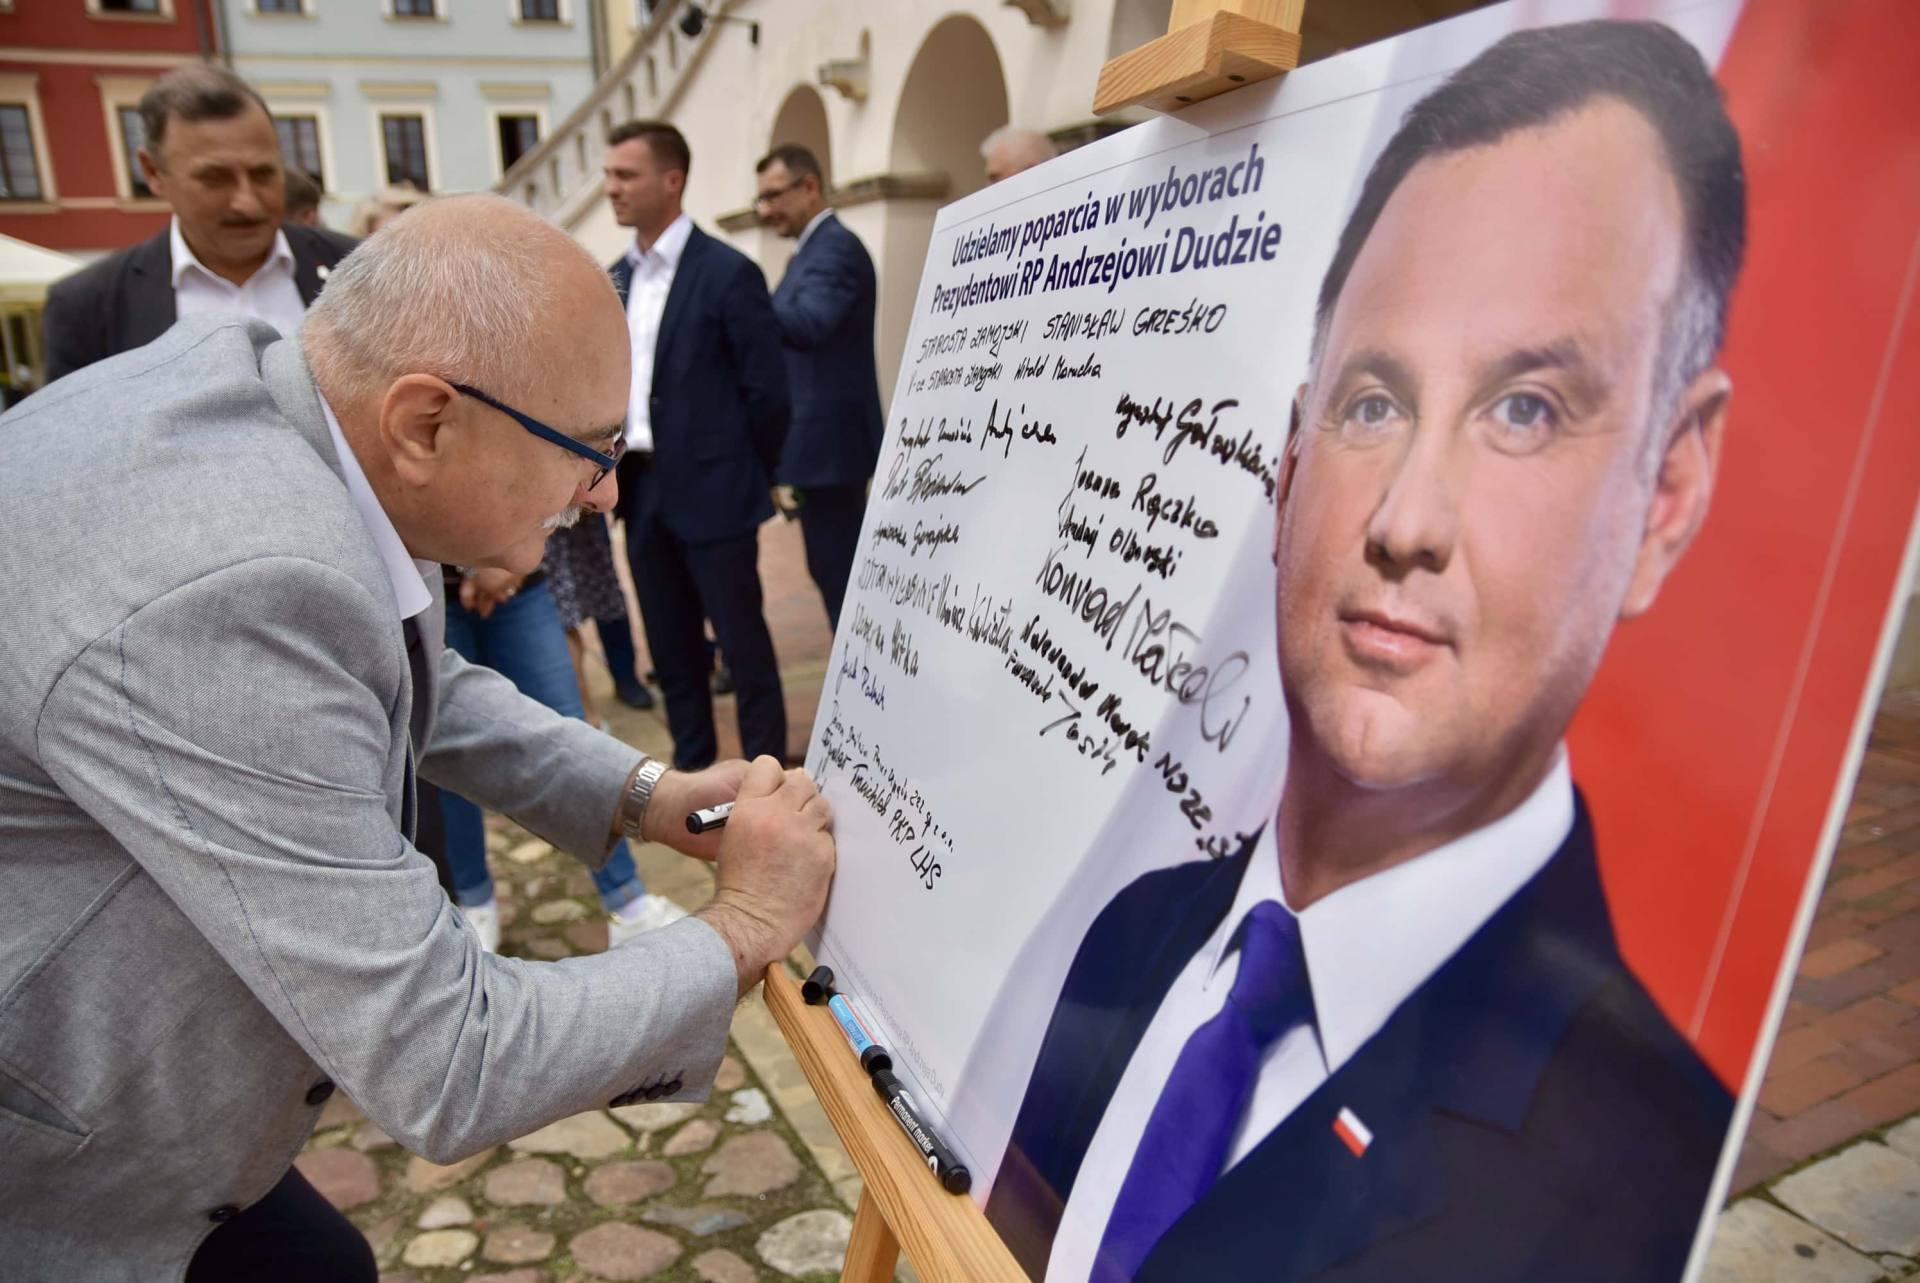 dsc 7793 Zamość: Udzielili poparcia prezydentowi Andrzejowi Dudzie